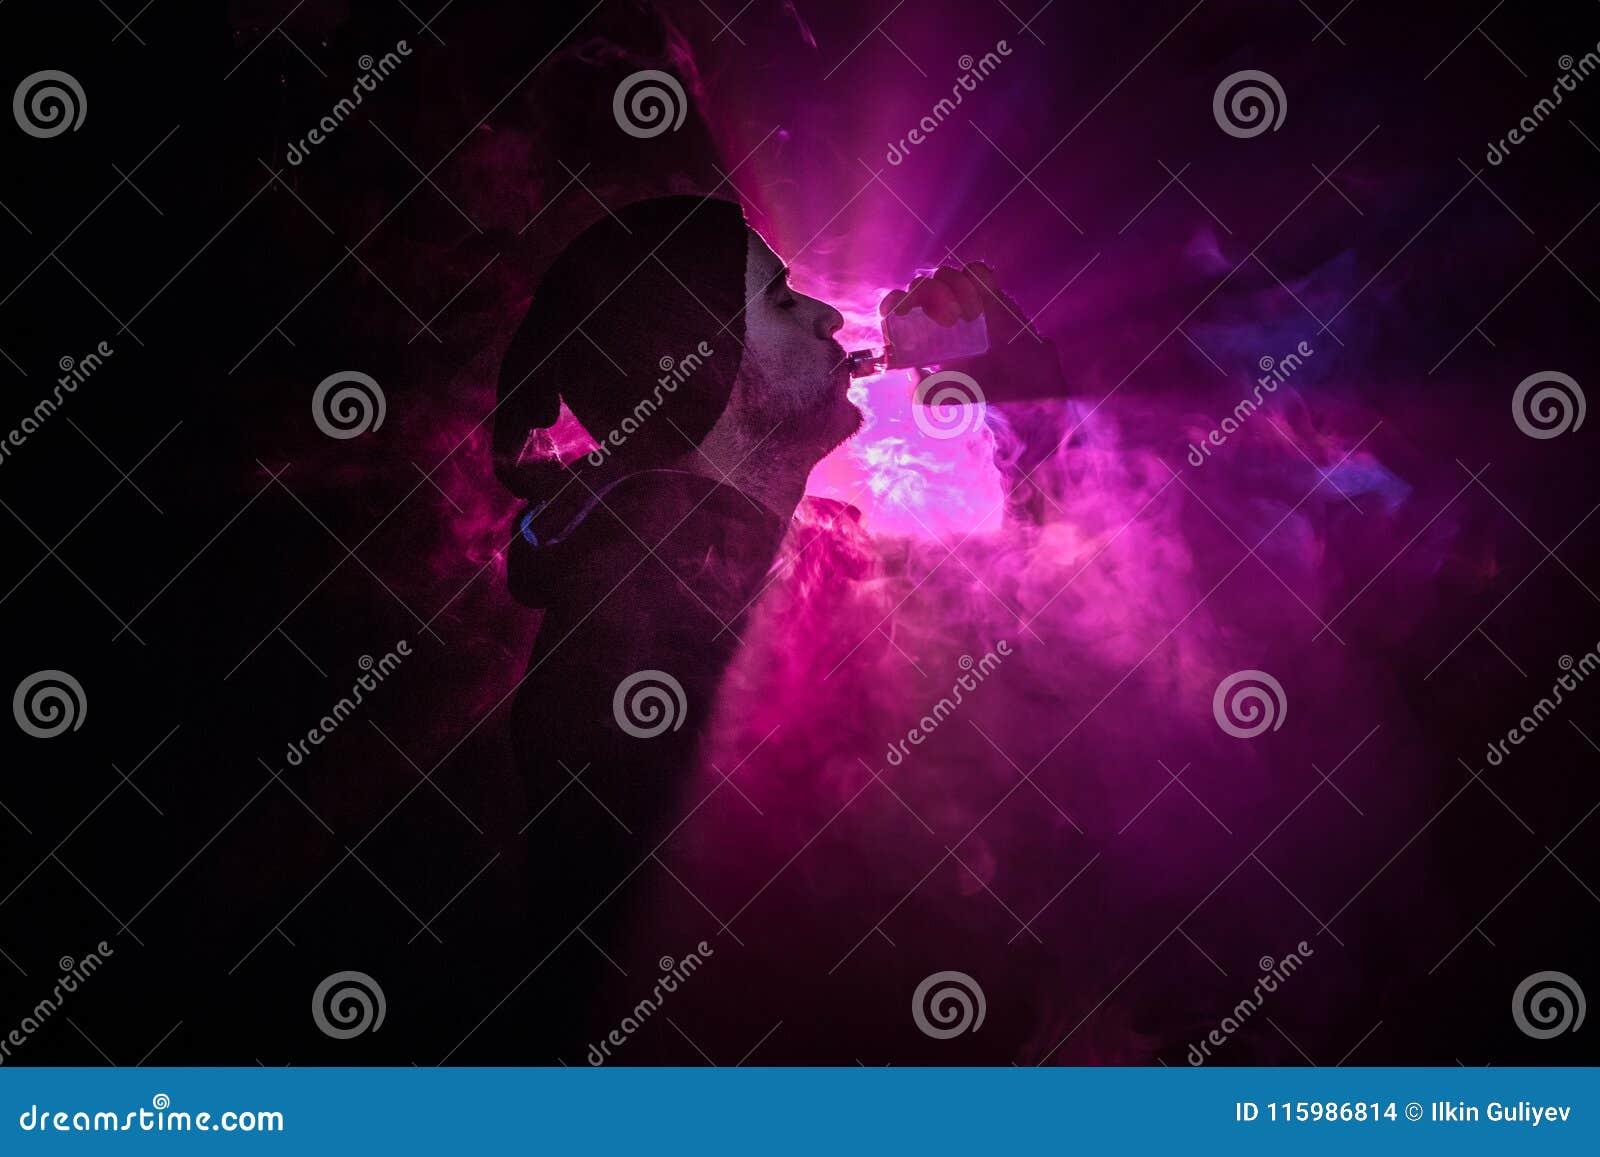 Homme de Vaping tenant un mod Un nuage de vapeur Fond noir Vaping une cigarette électronique avec de la beaucoup de fumée Concept